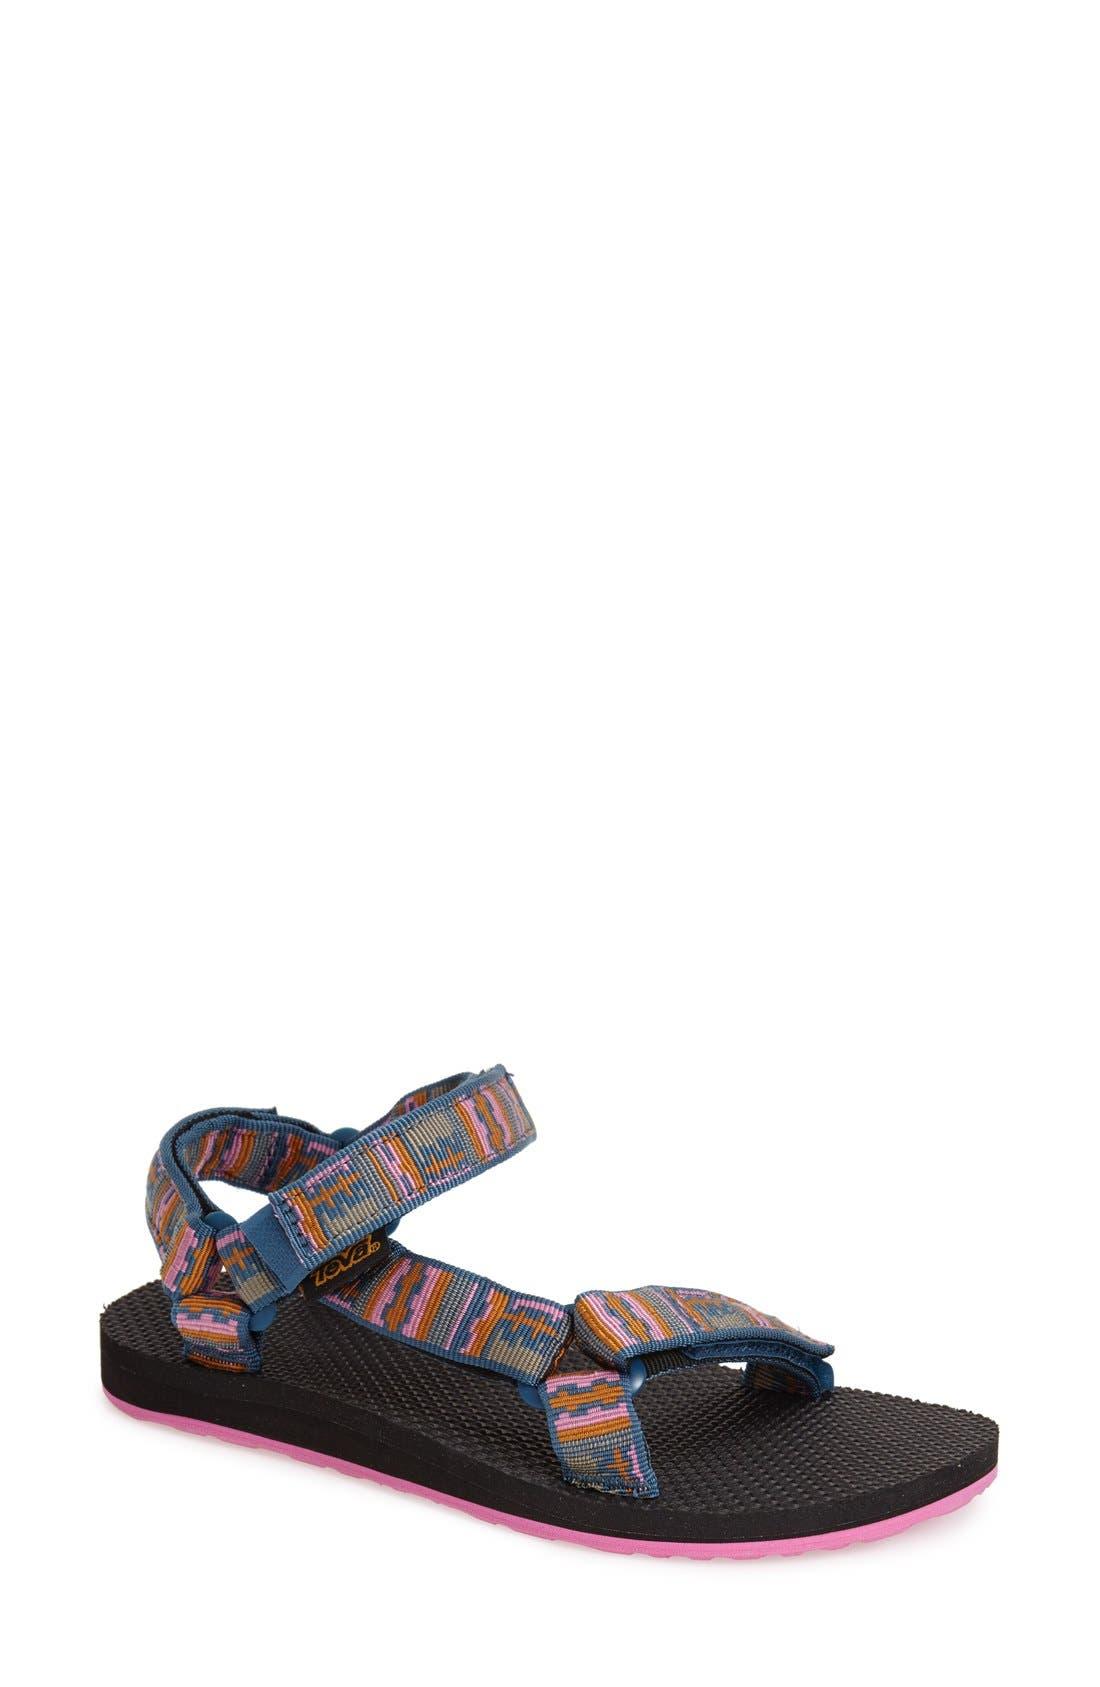 Main Image - Teva 'Original Universal' Water Friendly Print Sandal (Women)